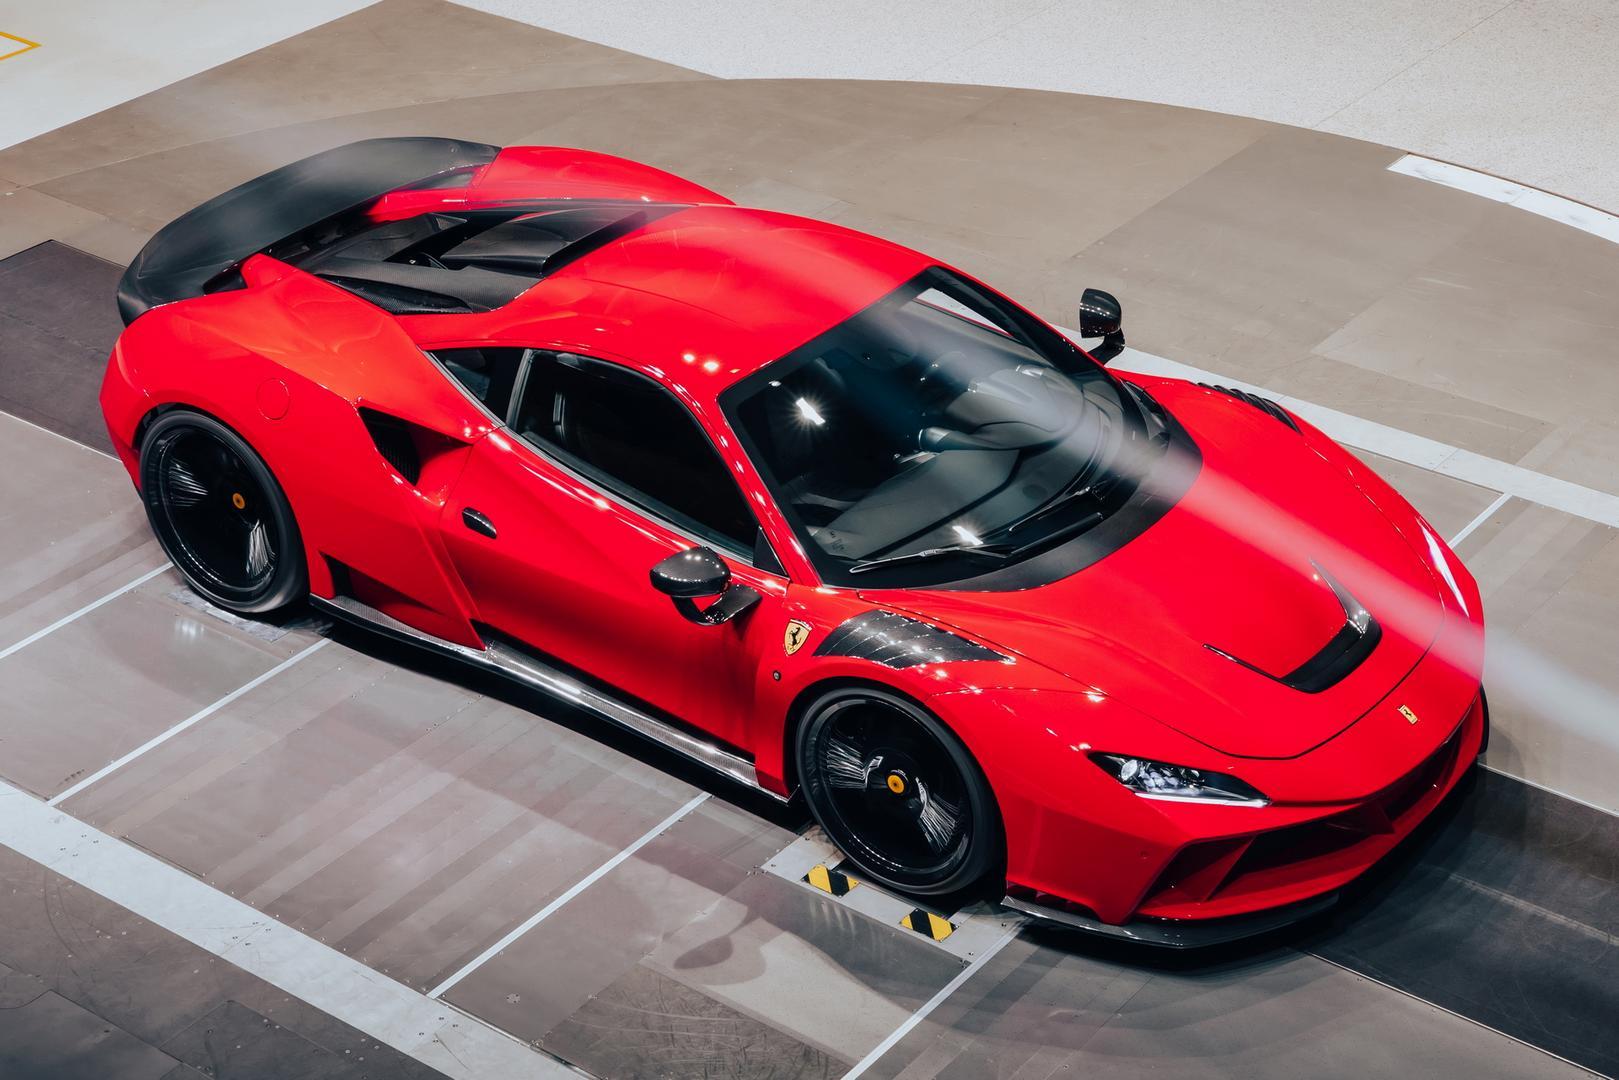 Rosso Corsa F8 Tributo